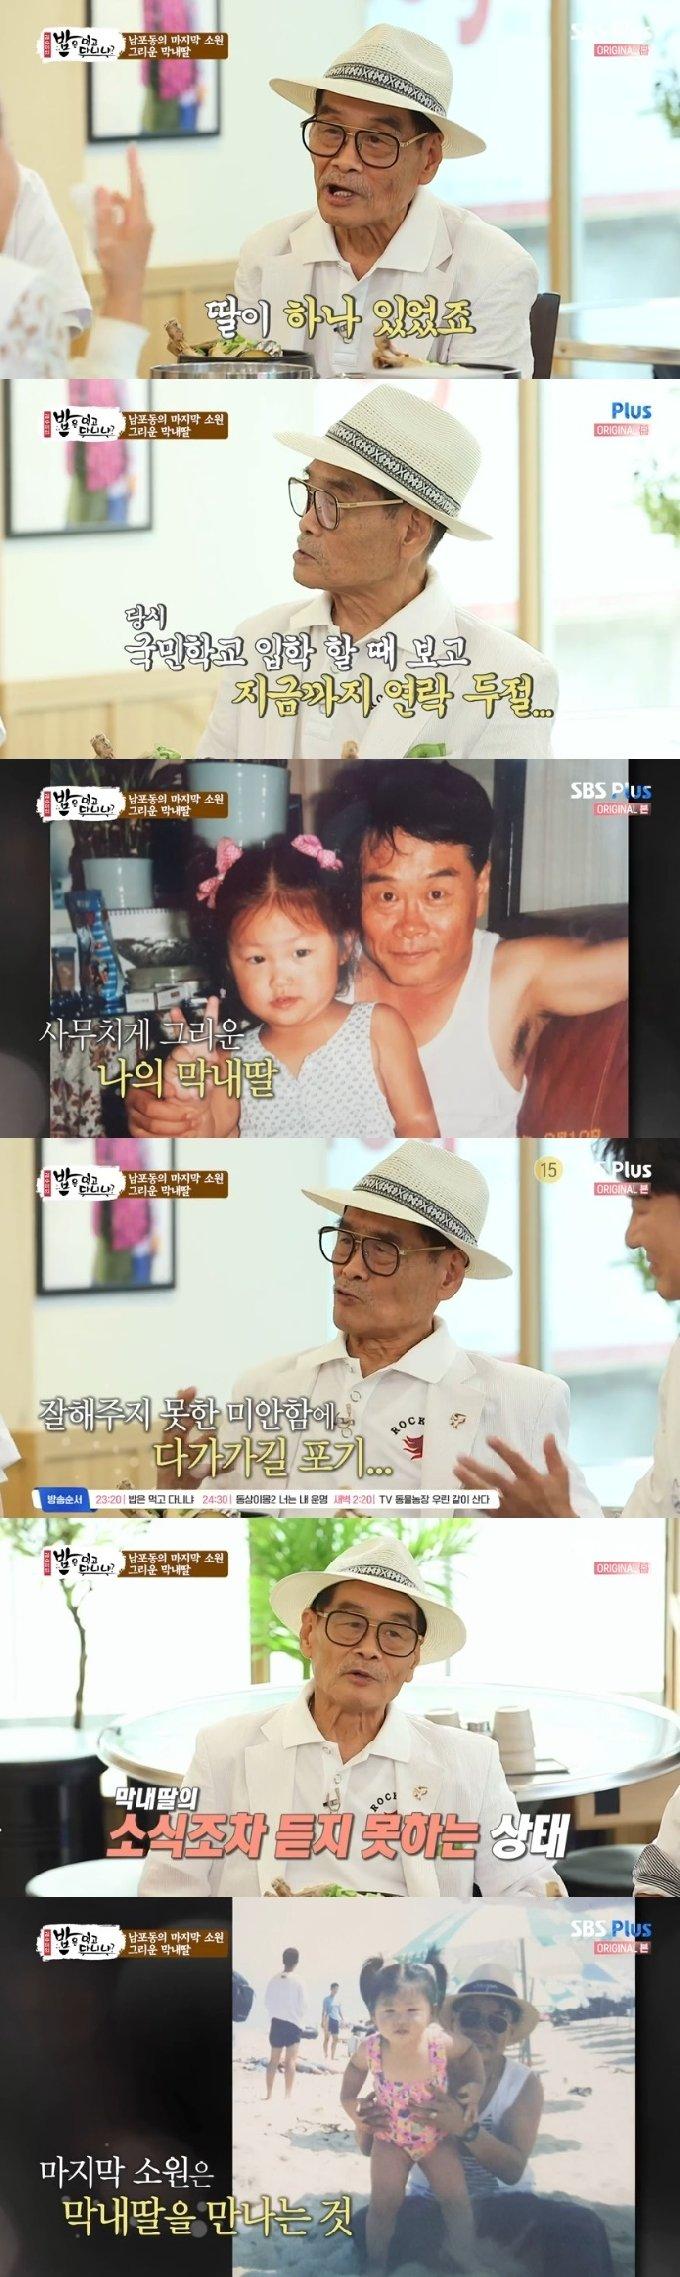 SBS플러스 '김수미의 밥은 먹고 다니냐?' 캡처 © 뉴스1